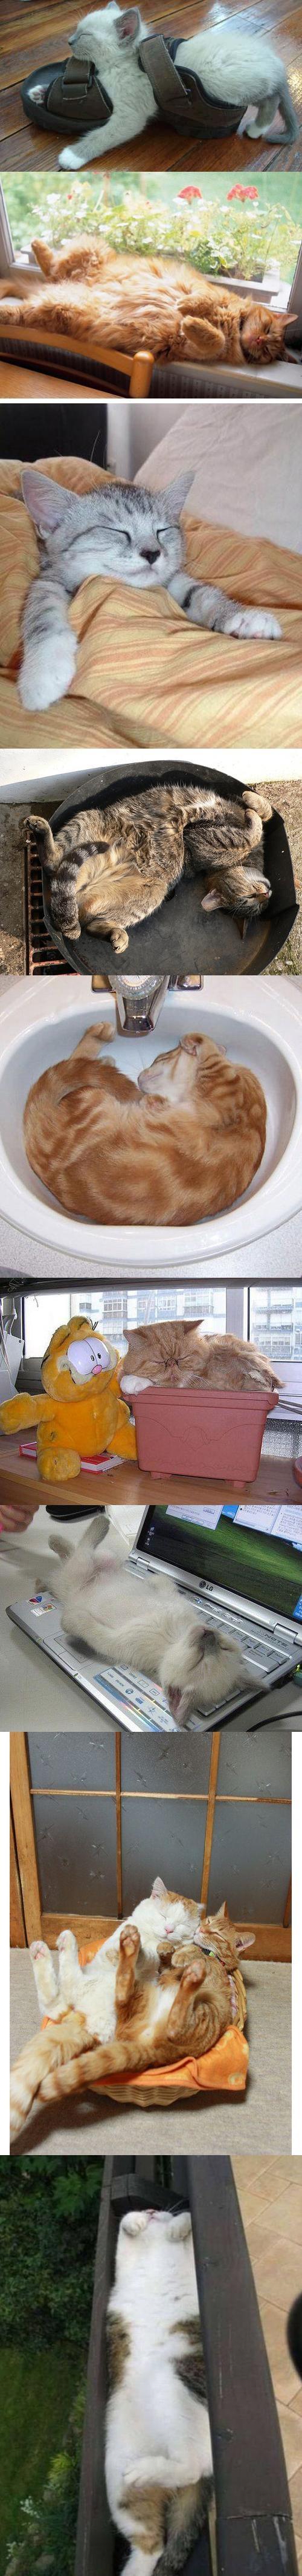 Ich bin eine Katze! Ich schlafe wo und wann ich will